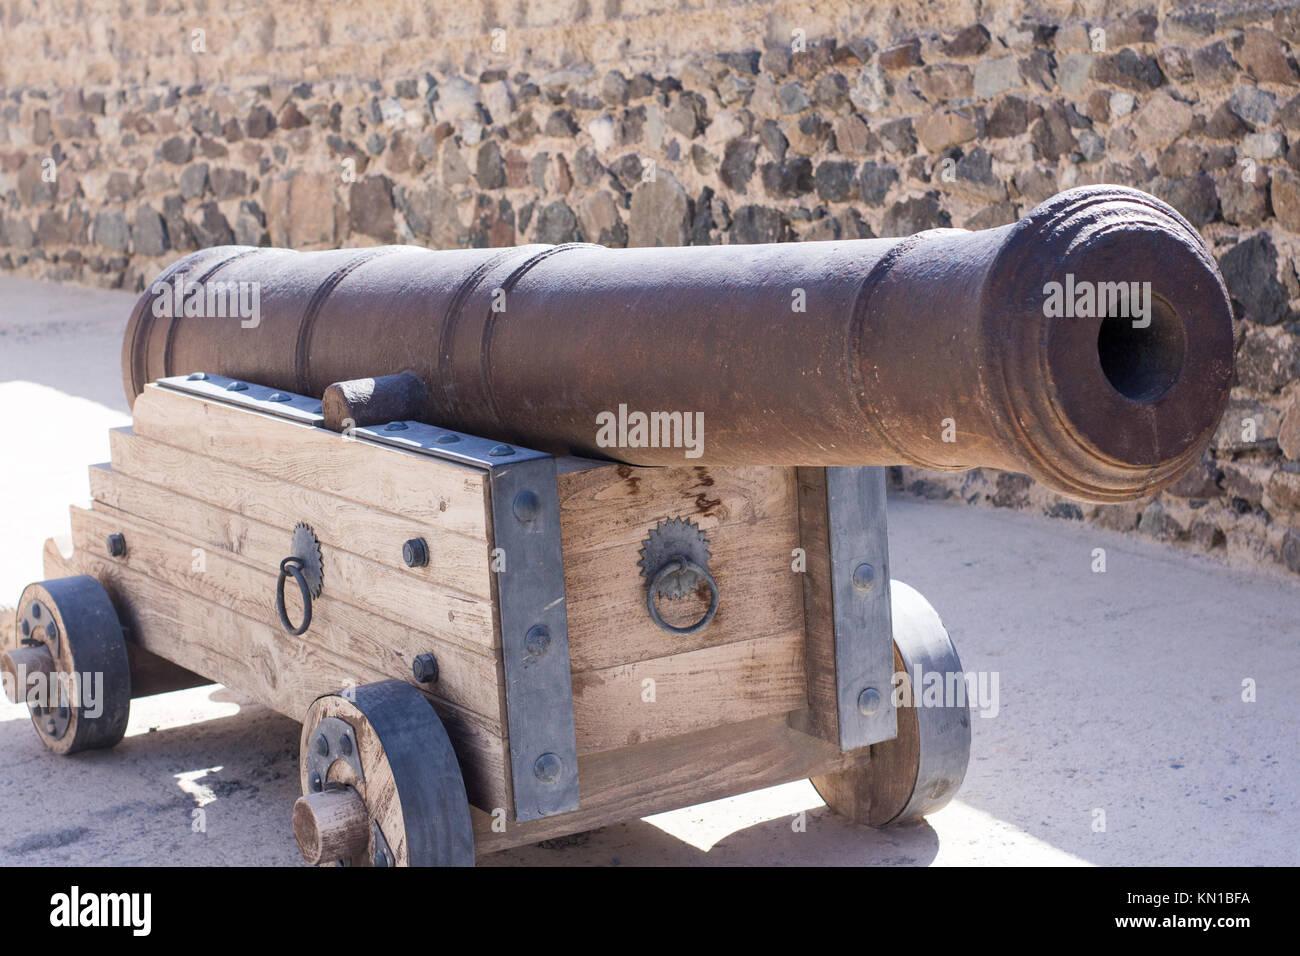 Canon ancien utilisé dans les guerres comme arme. lourd et arme solide par des forces militaires. Banque D'Images